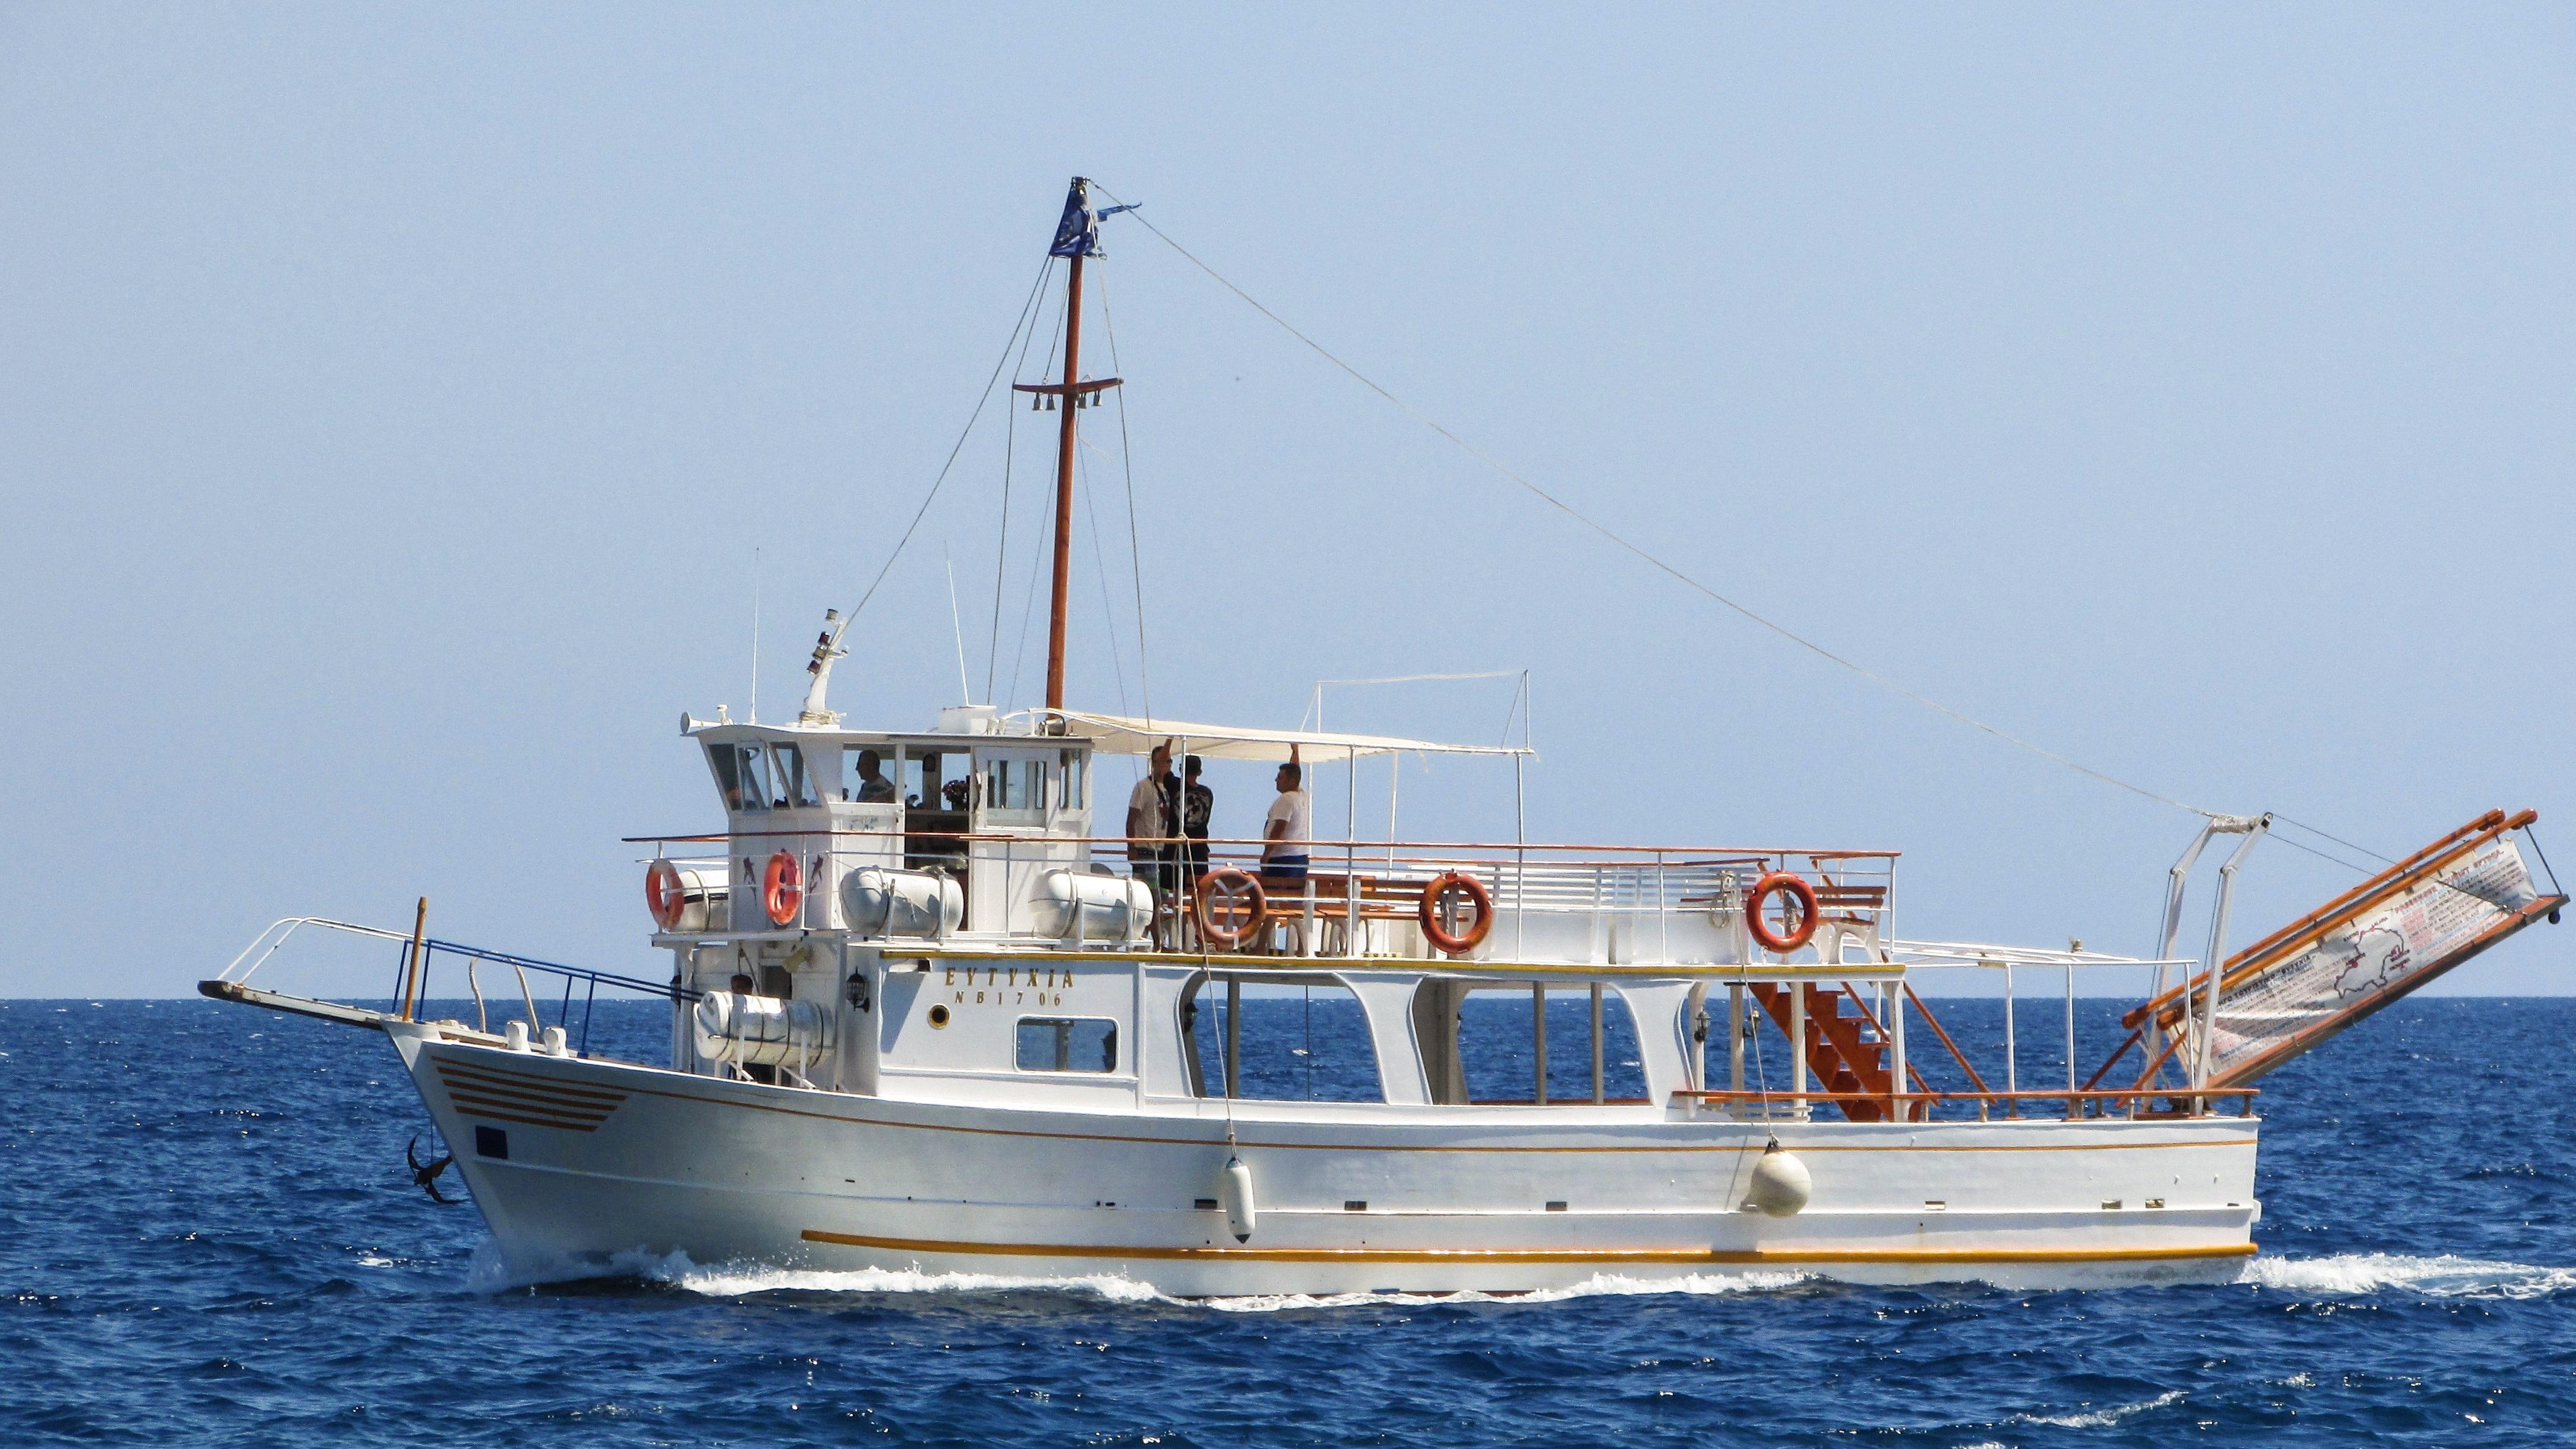 mar barco enviar verano vacaciones recreacin transporte vehculo mstil turismo grecia skiathos barco pesquero barco